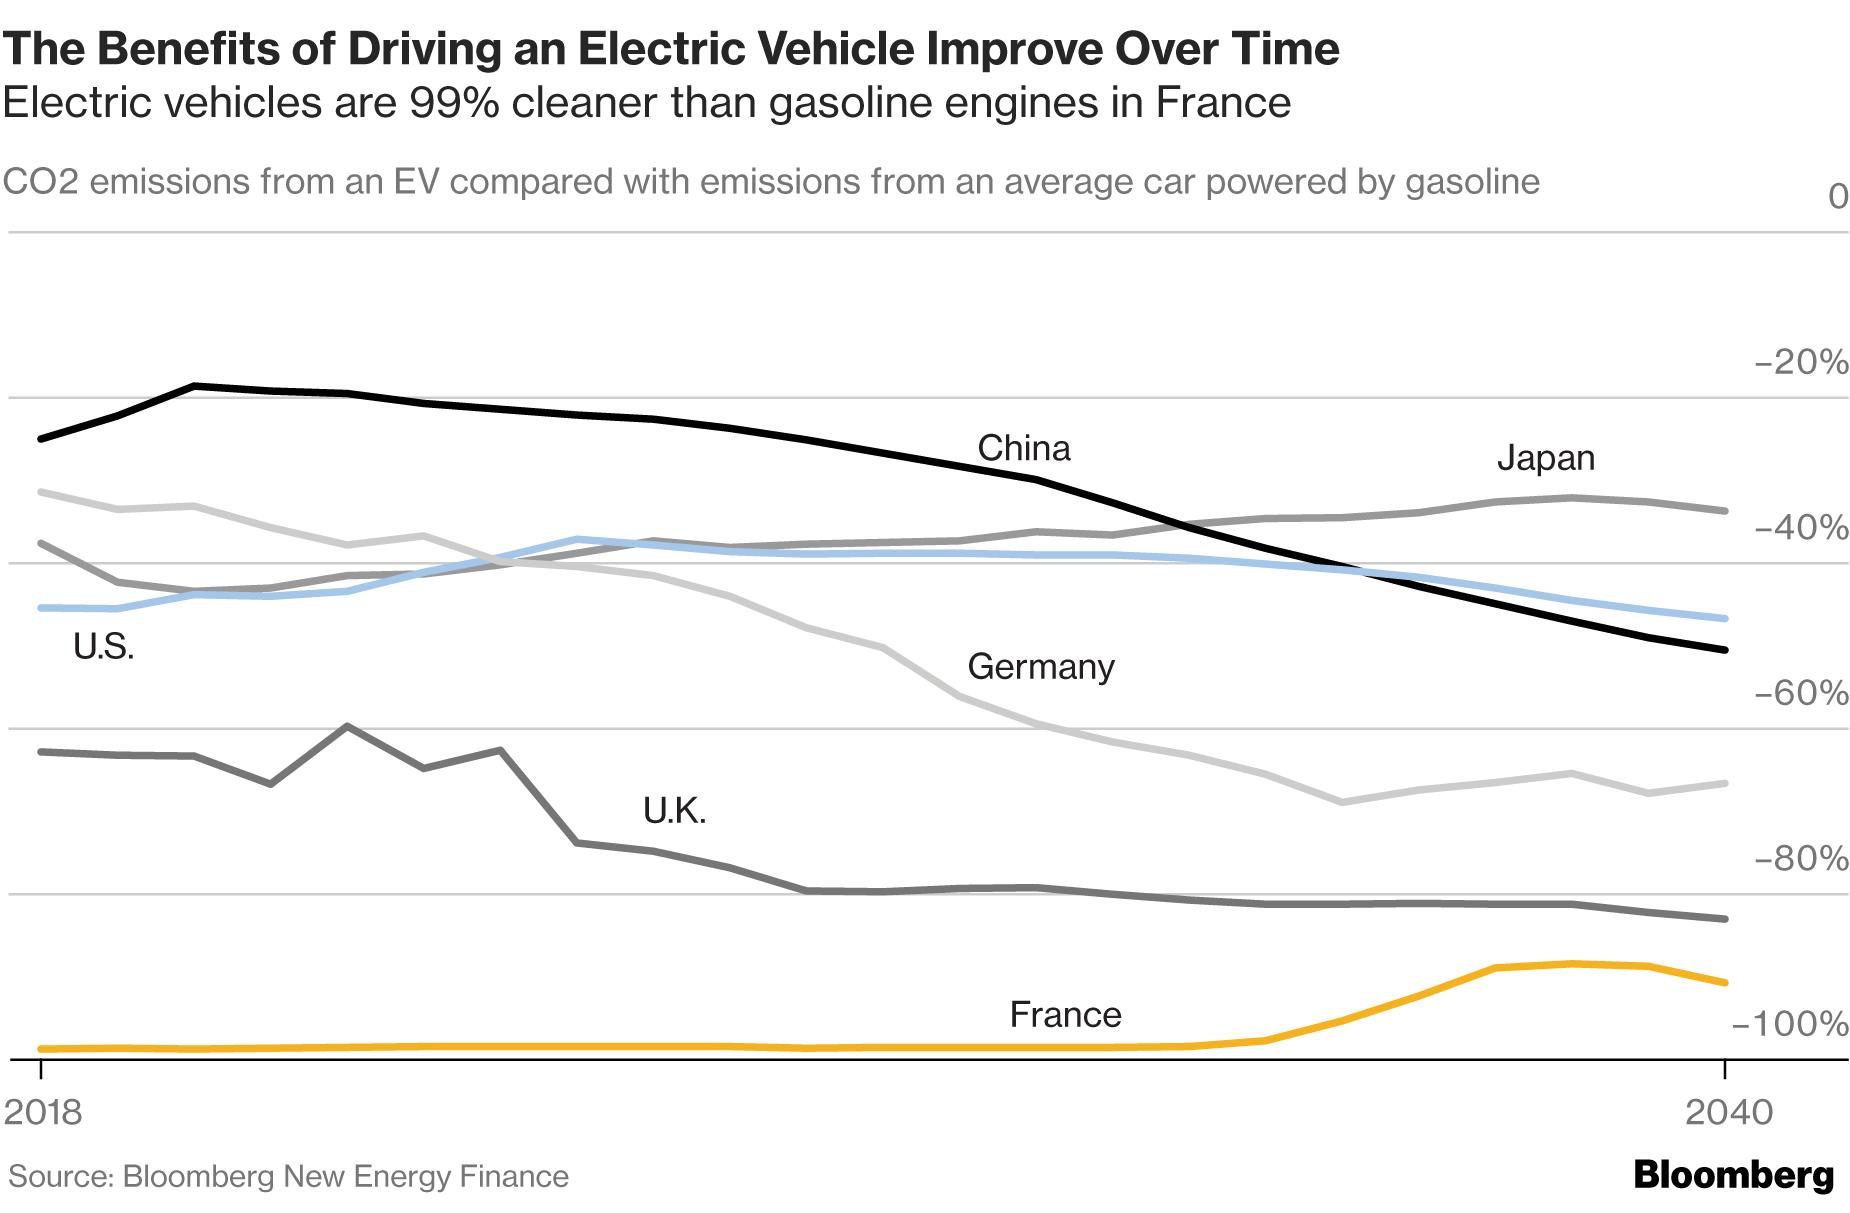 электромобили - экологически чистый трнаспорта по странам